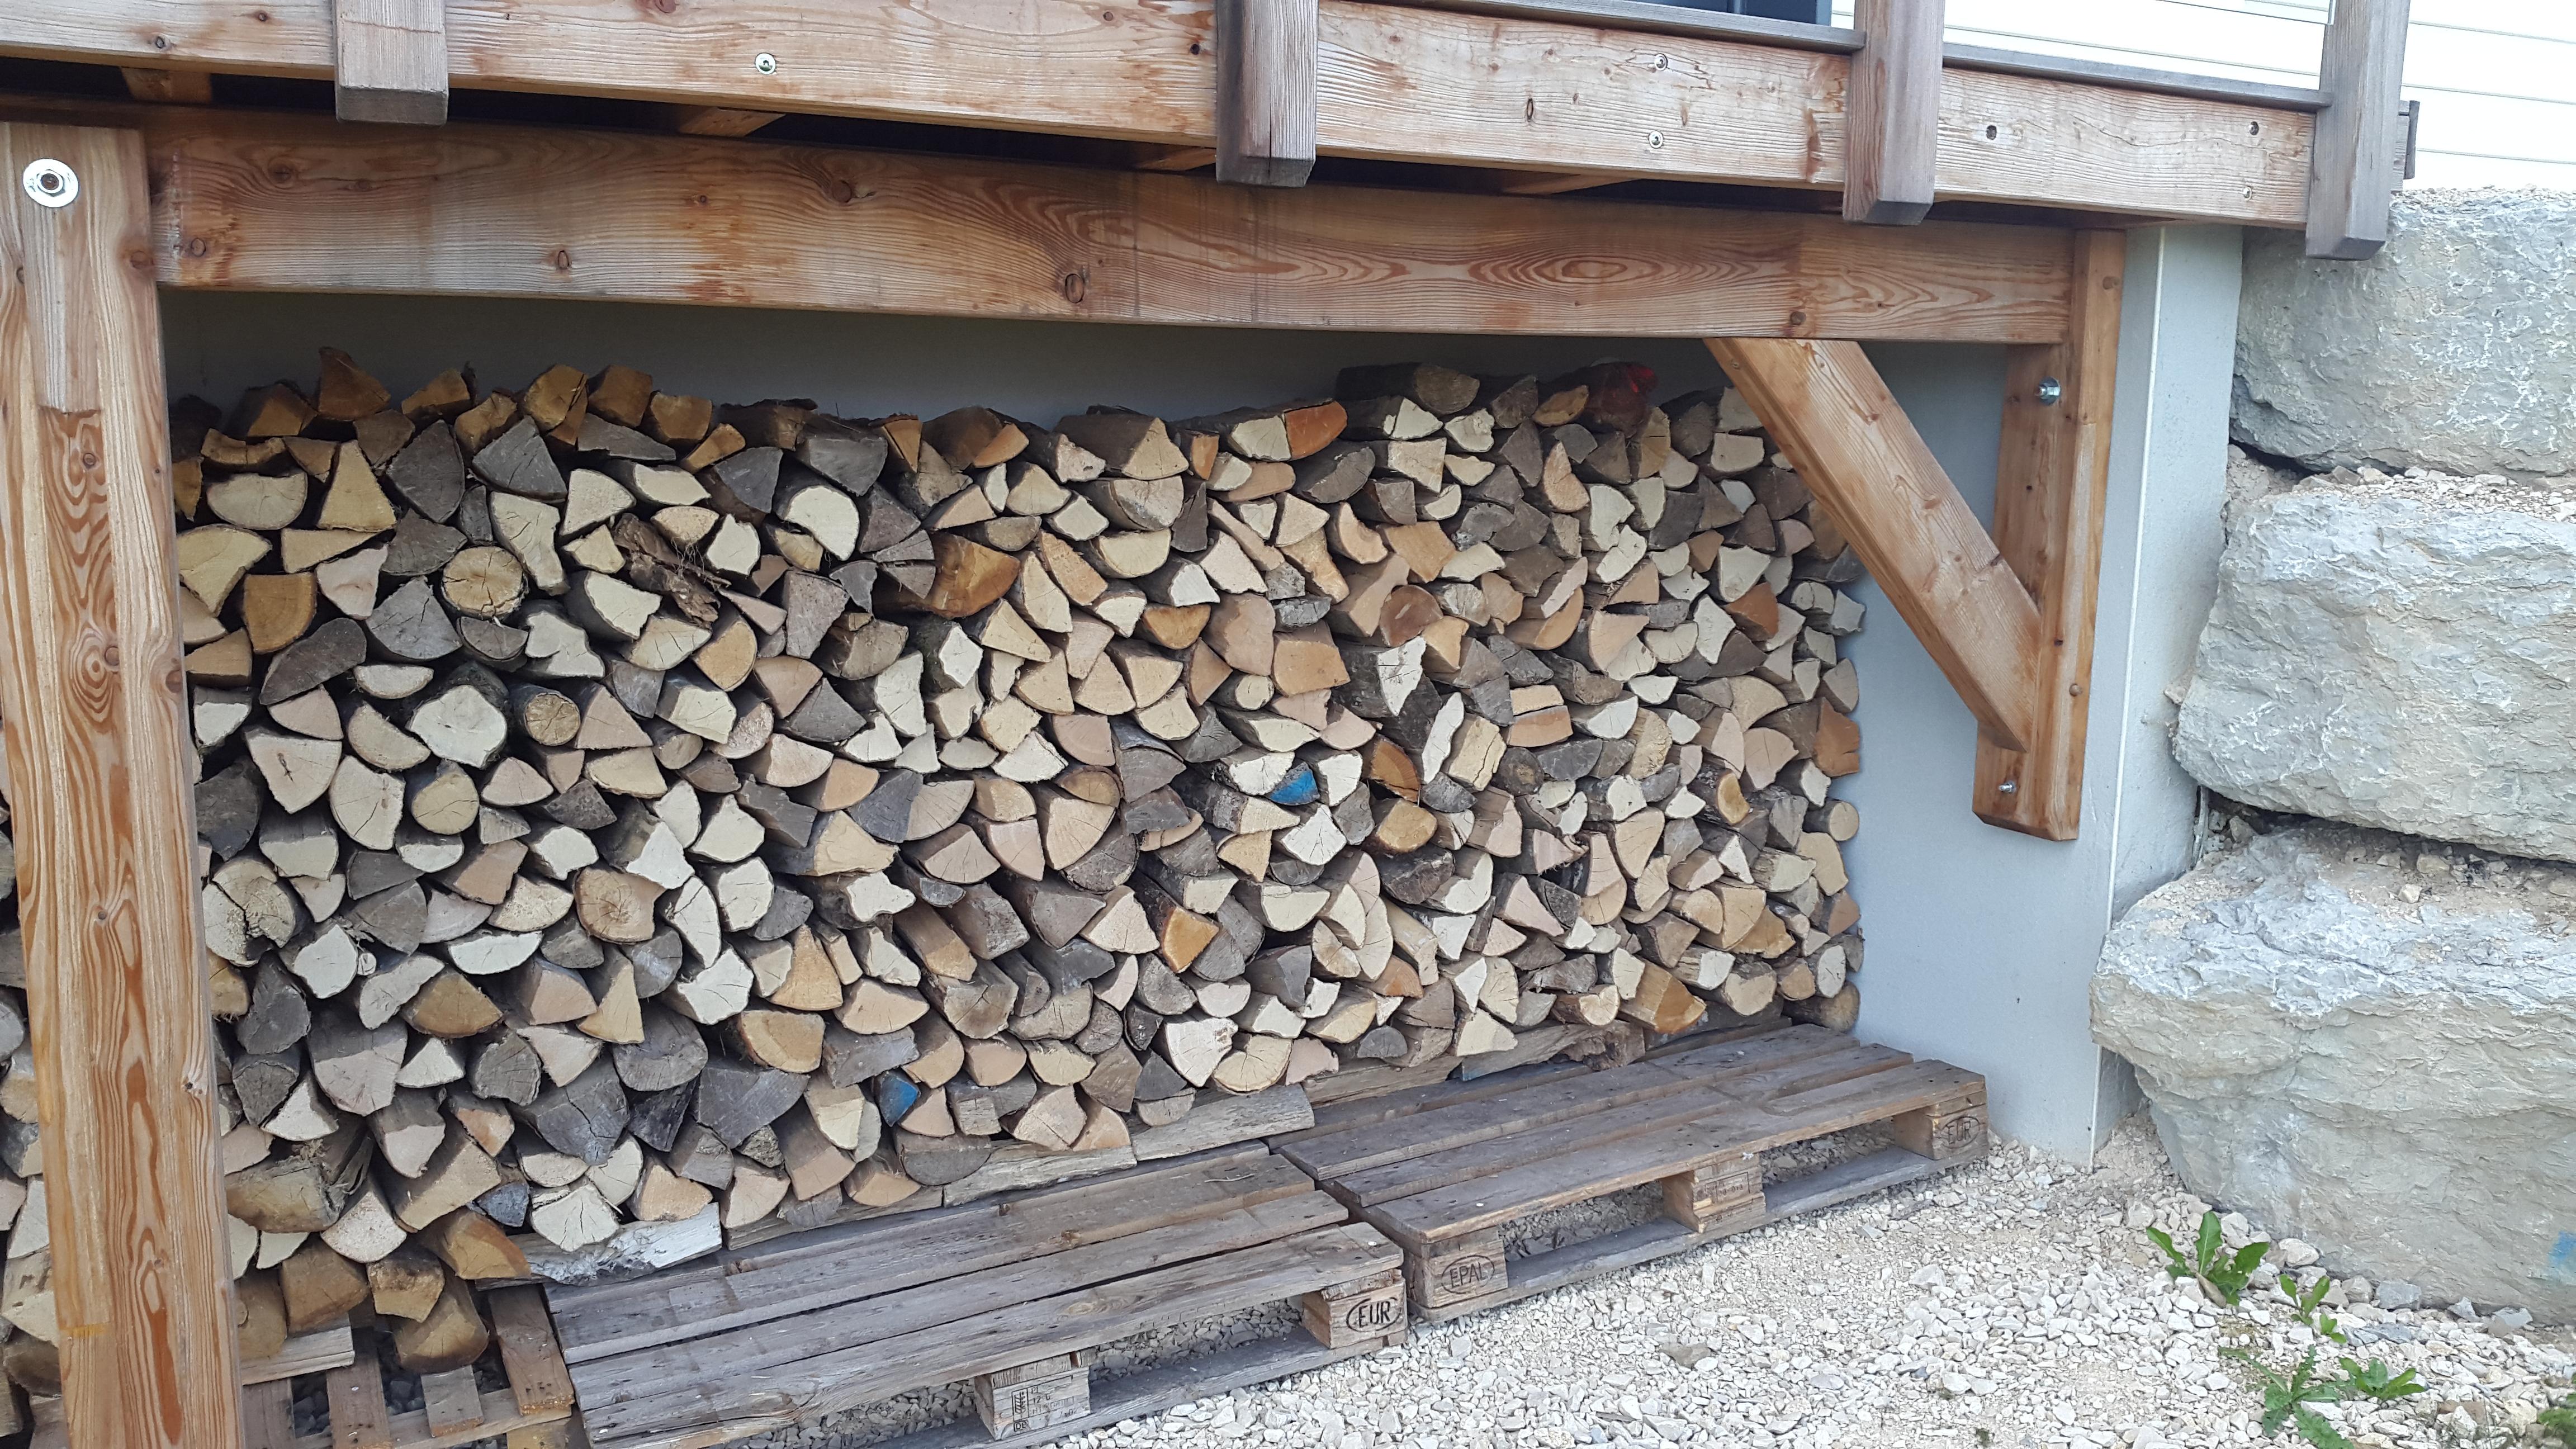 Construire Abris Bois fabriquez votre propre abri à bûches